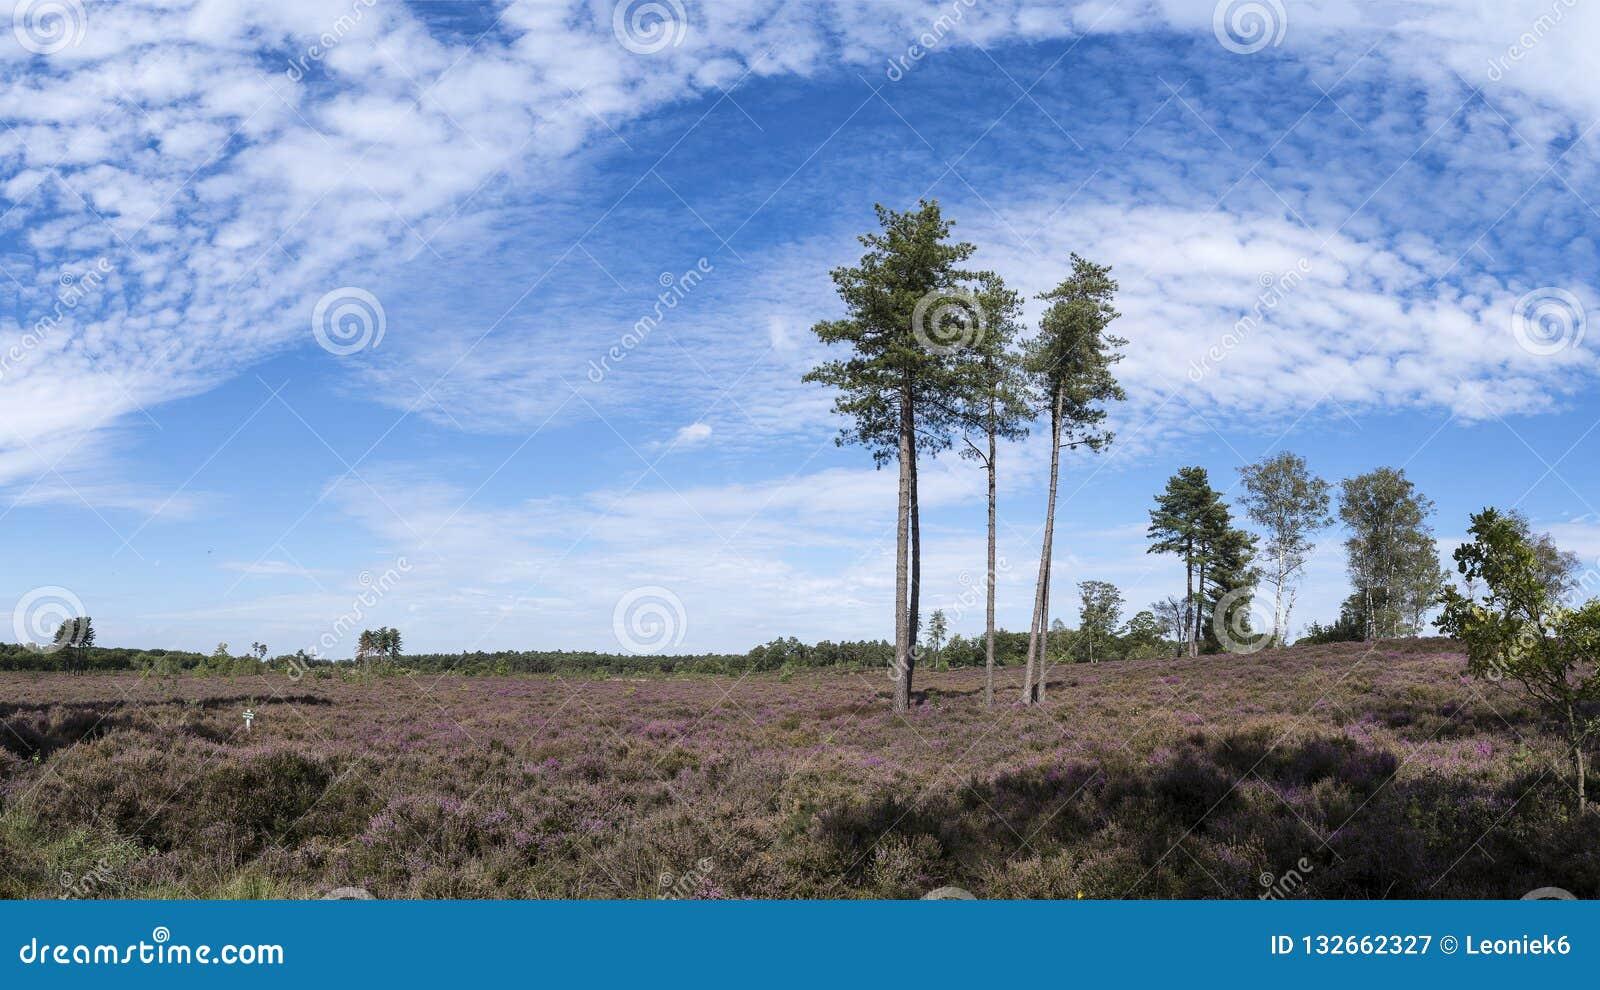 Colourful wrzosu krajobraz z dużymi ostrog drzewami, paprociami, niebieskim niebem i chmurami, rezerwat przyrody melina Treek, Wo